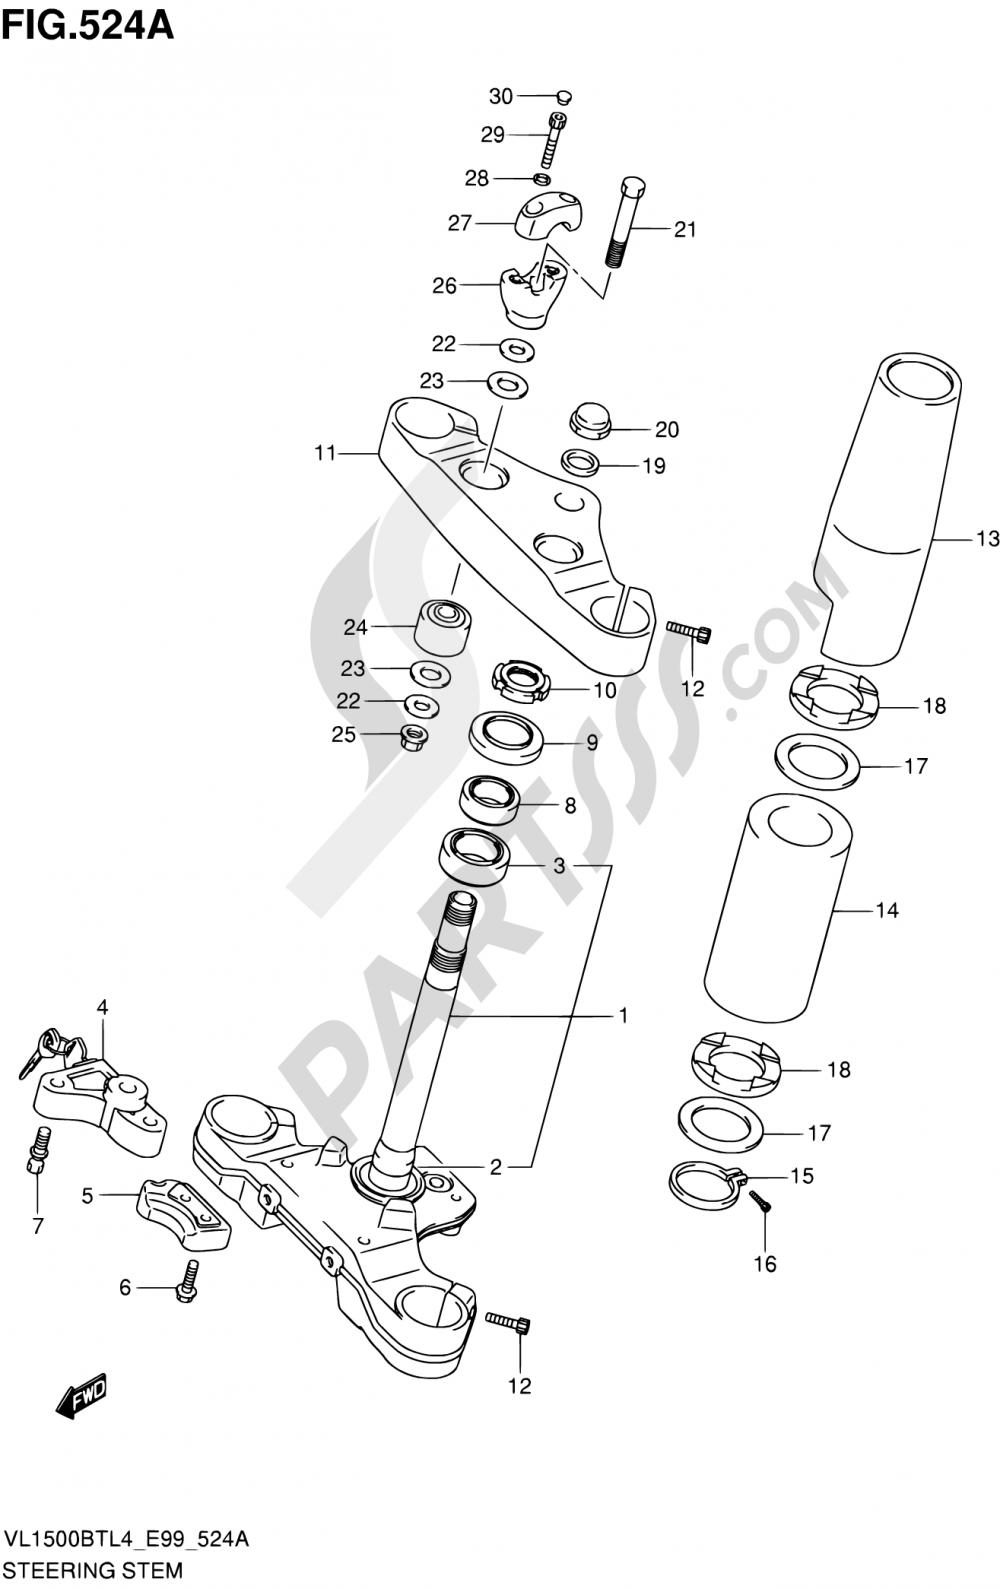 524A - STEERING STEM Suzuki INTRUDER VL150 2014